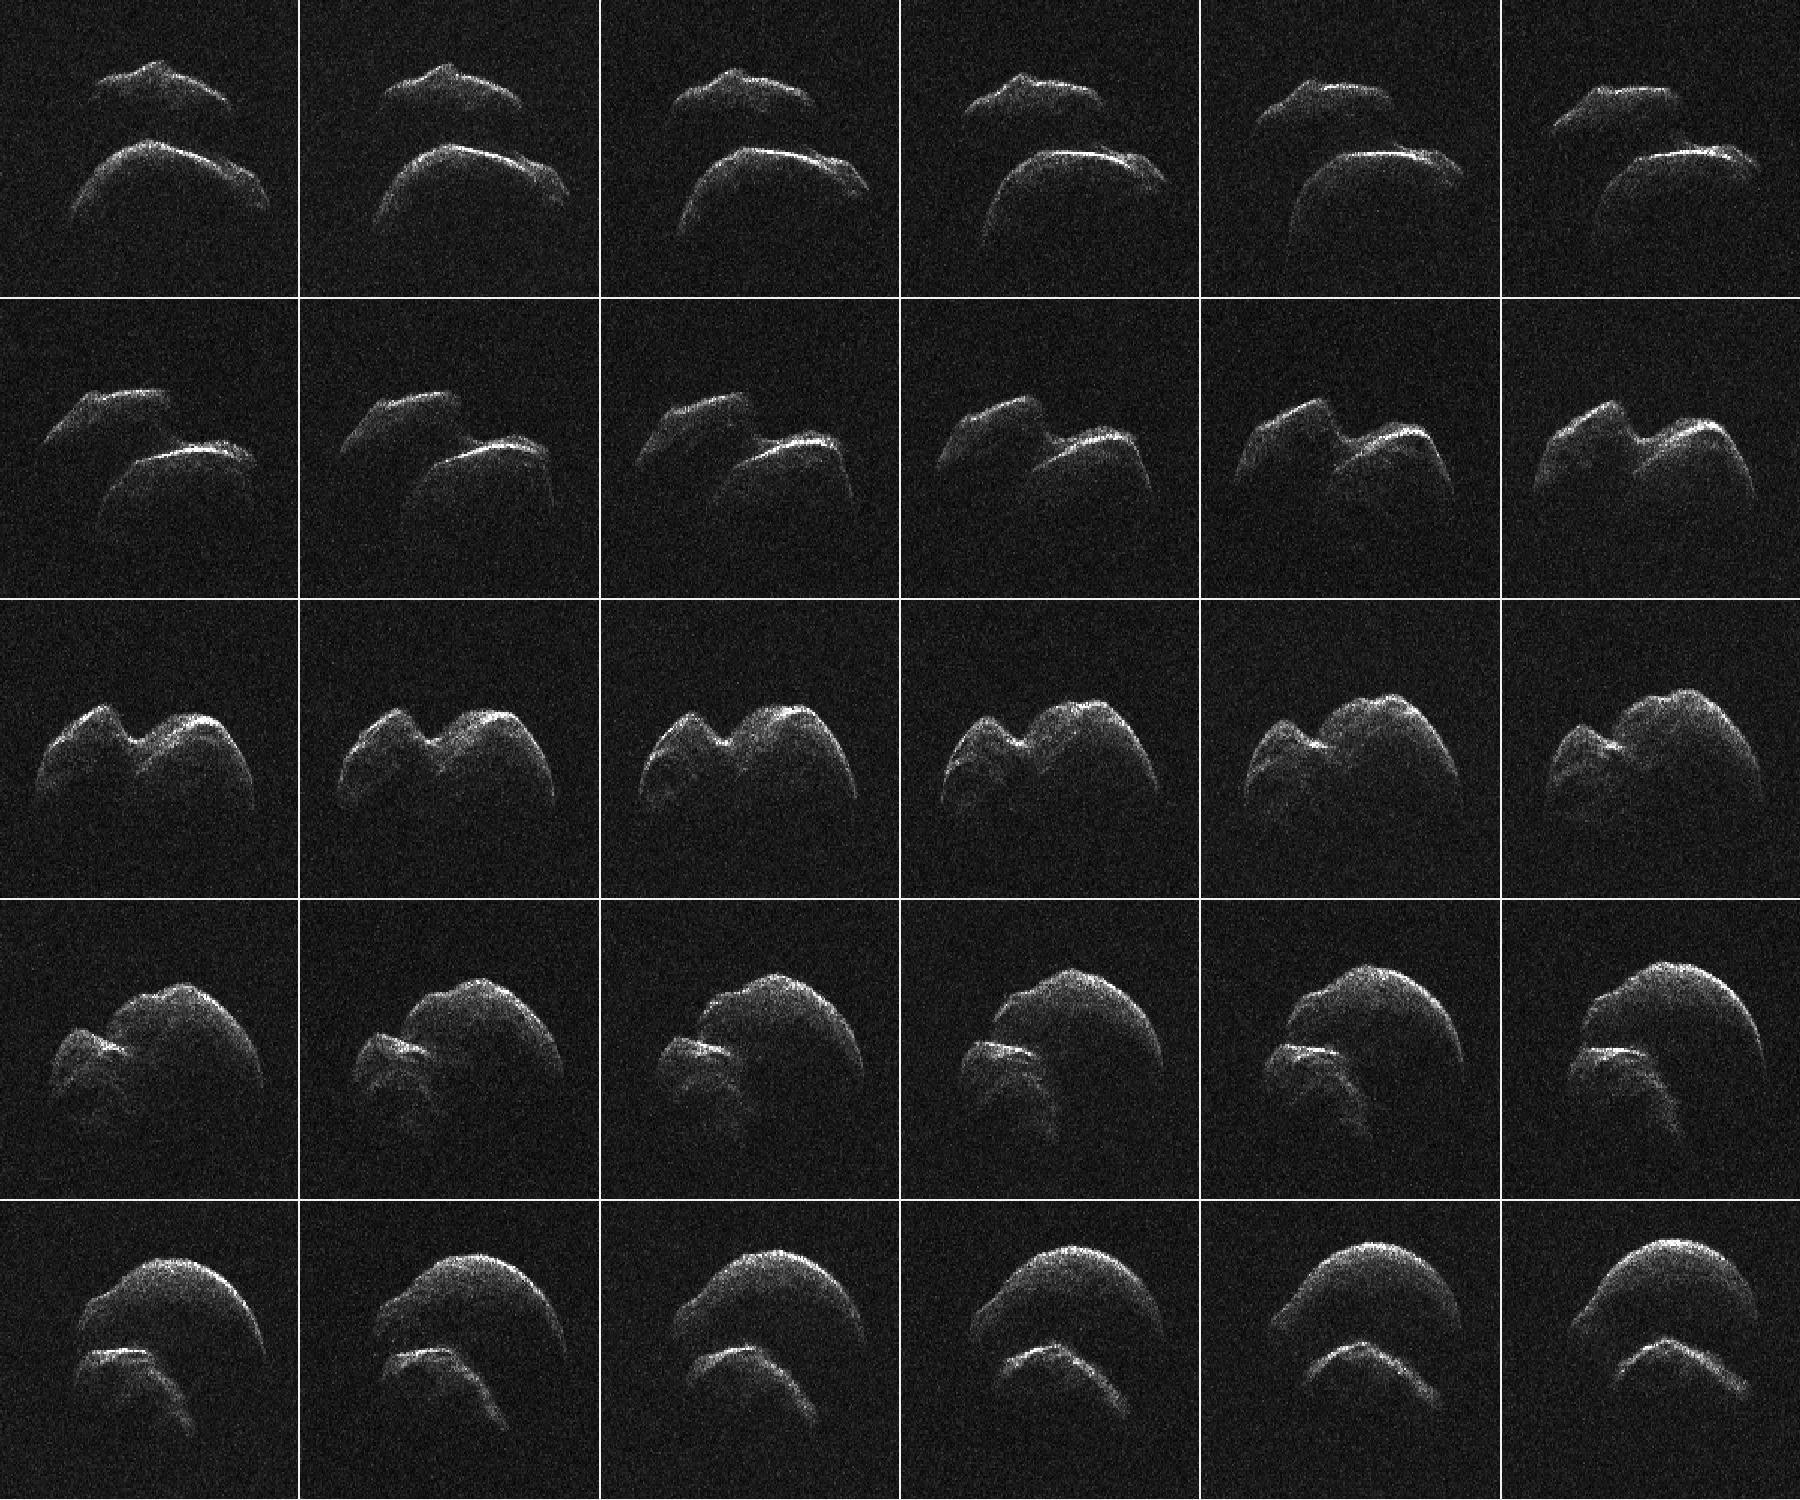 Imagerie de l'astéroïde JO25 2014, générée avec des données radar collectées à l'aide du radar du système solaire Goldstone de la NASA dans le désert de Mojave en Californie.